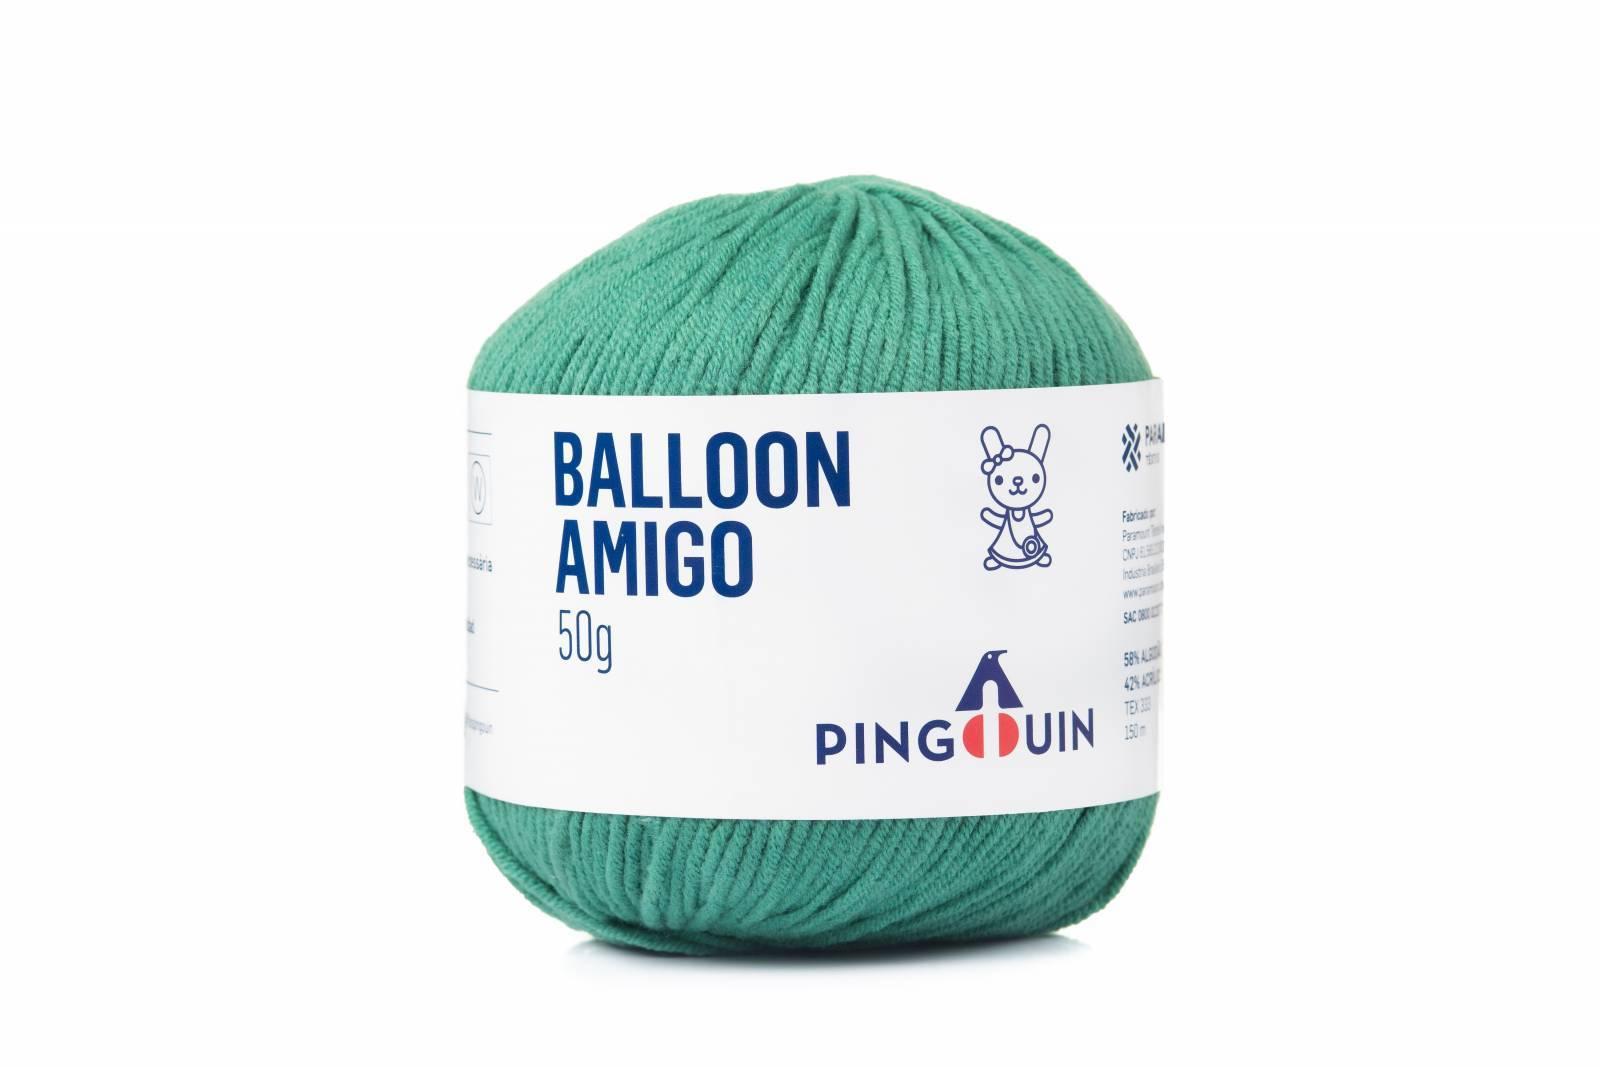 Balloon amigo 2630 Positano - BAÚ DA VOVÓ